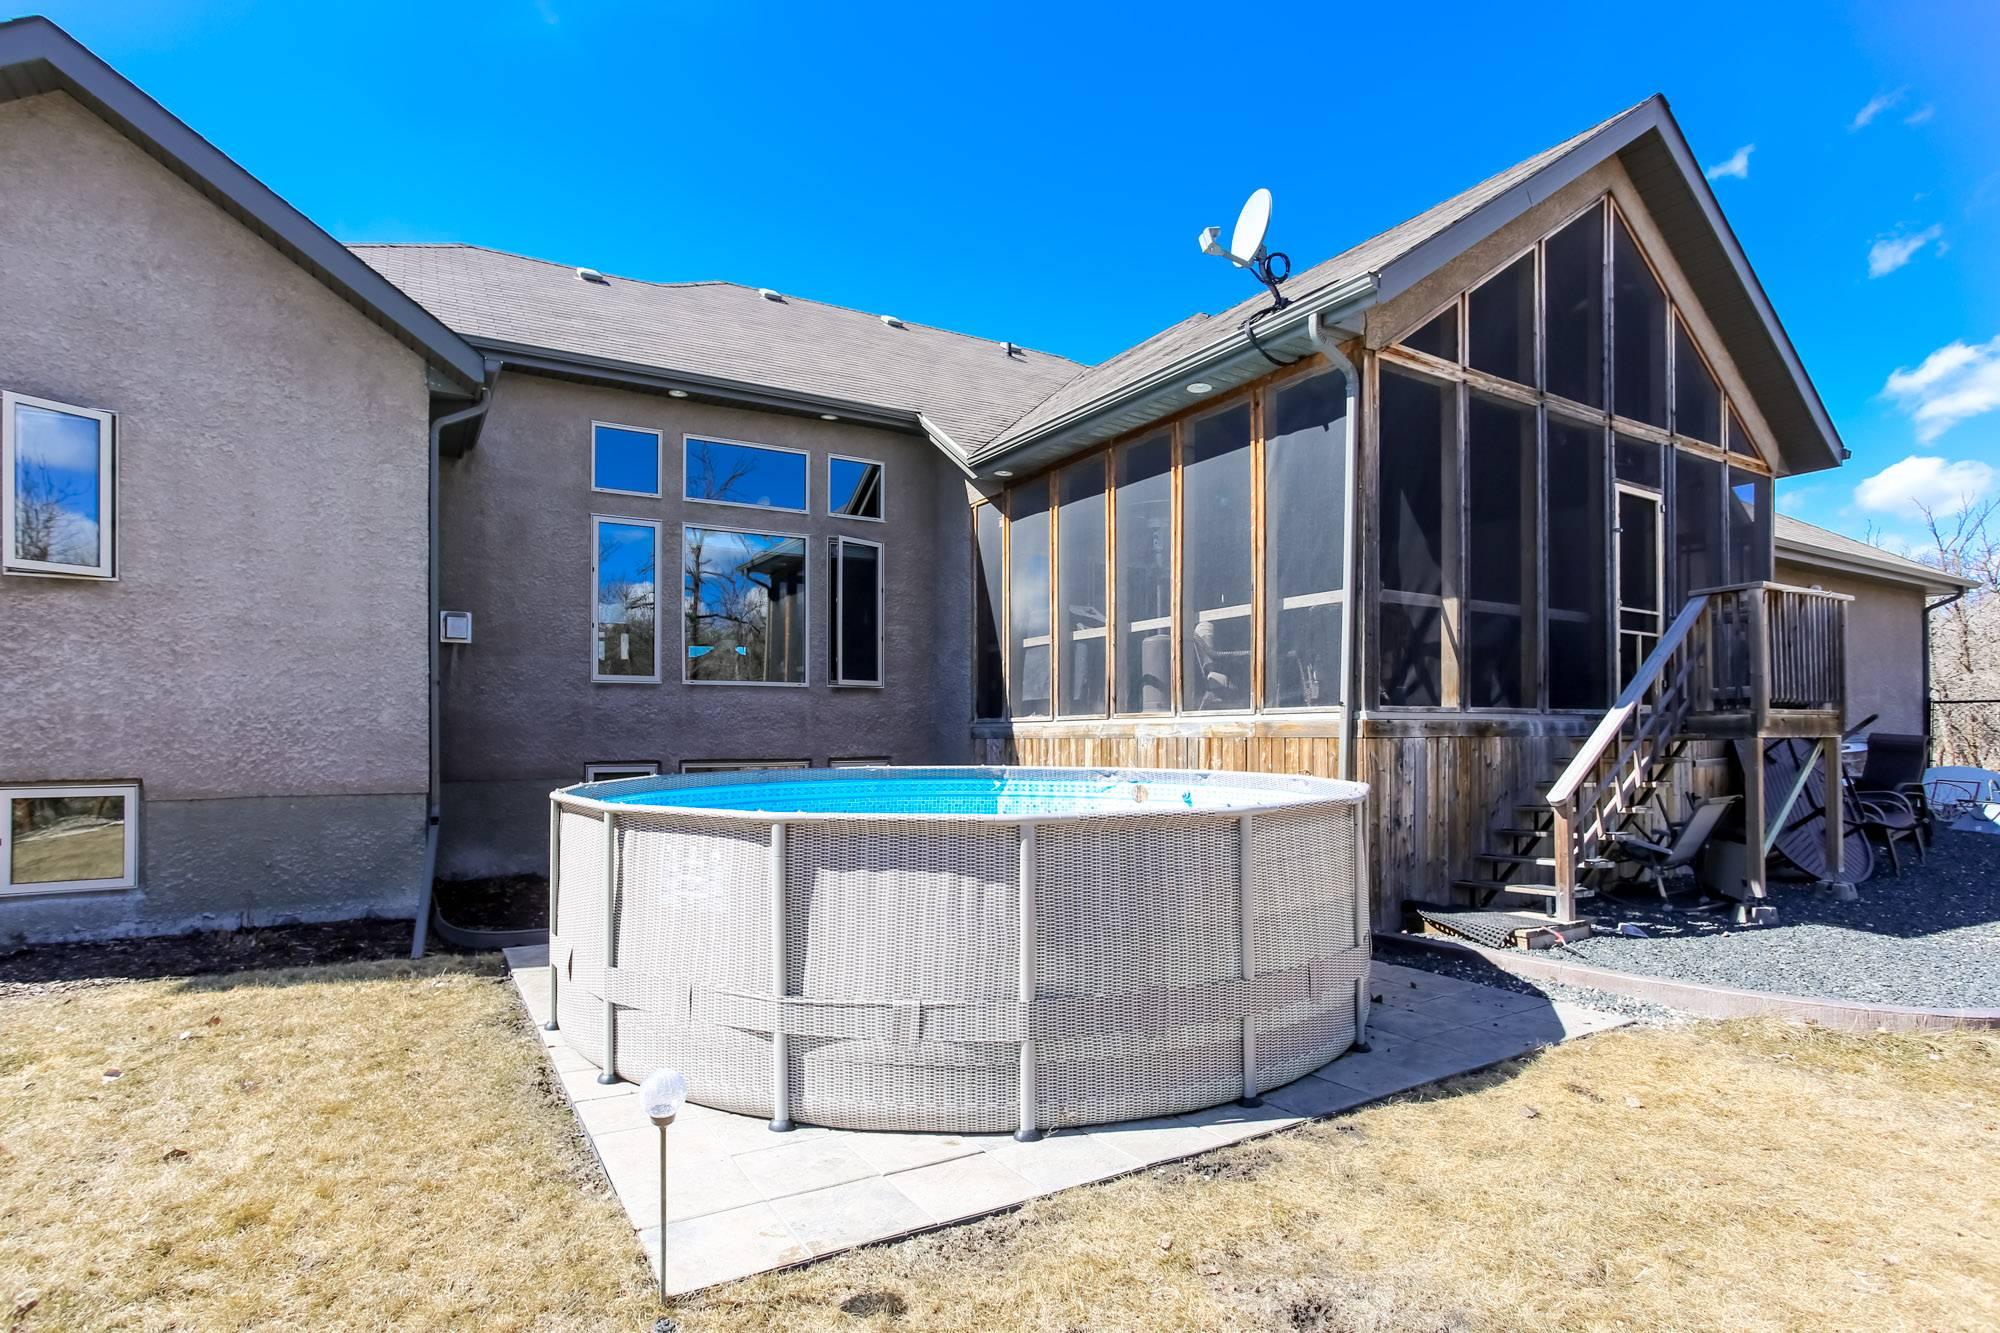 167 Blechner, Winnipeg, Manitoba  R2P 0R1 - Photo 41 - 1909980